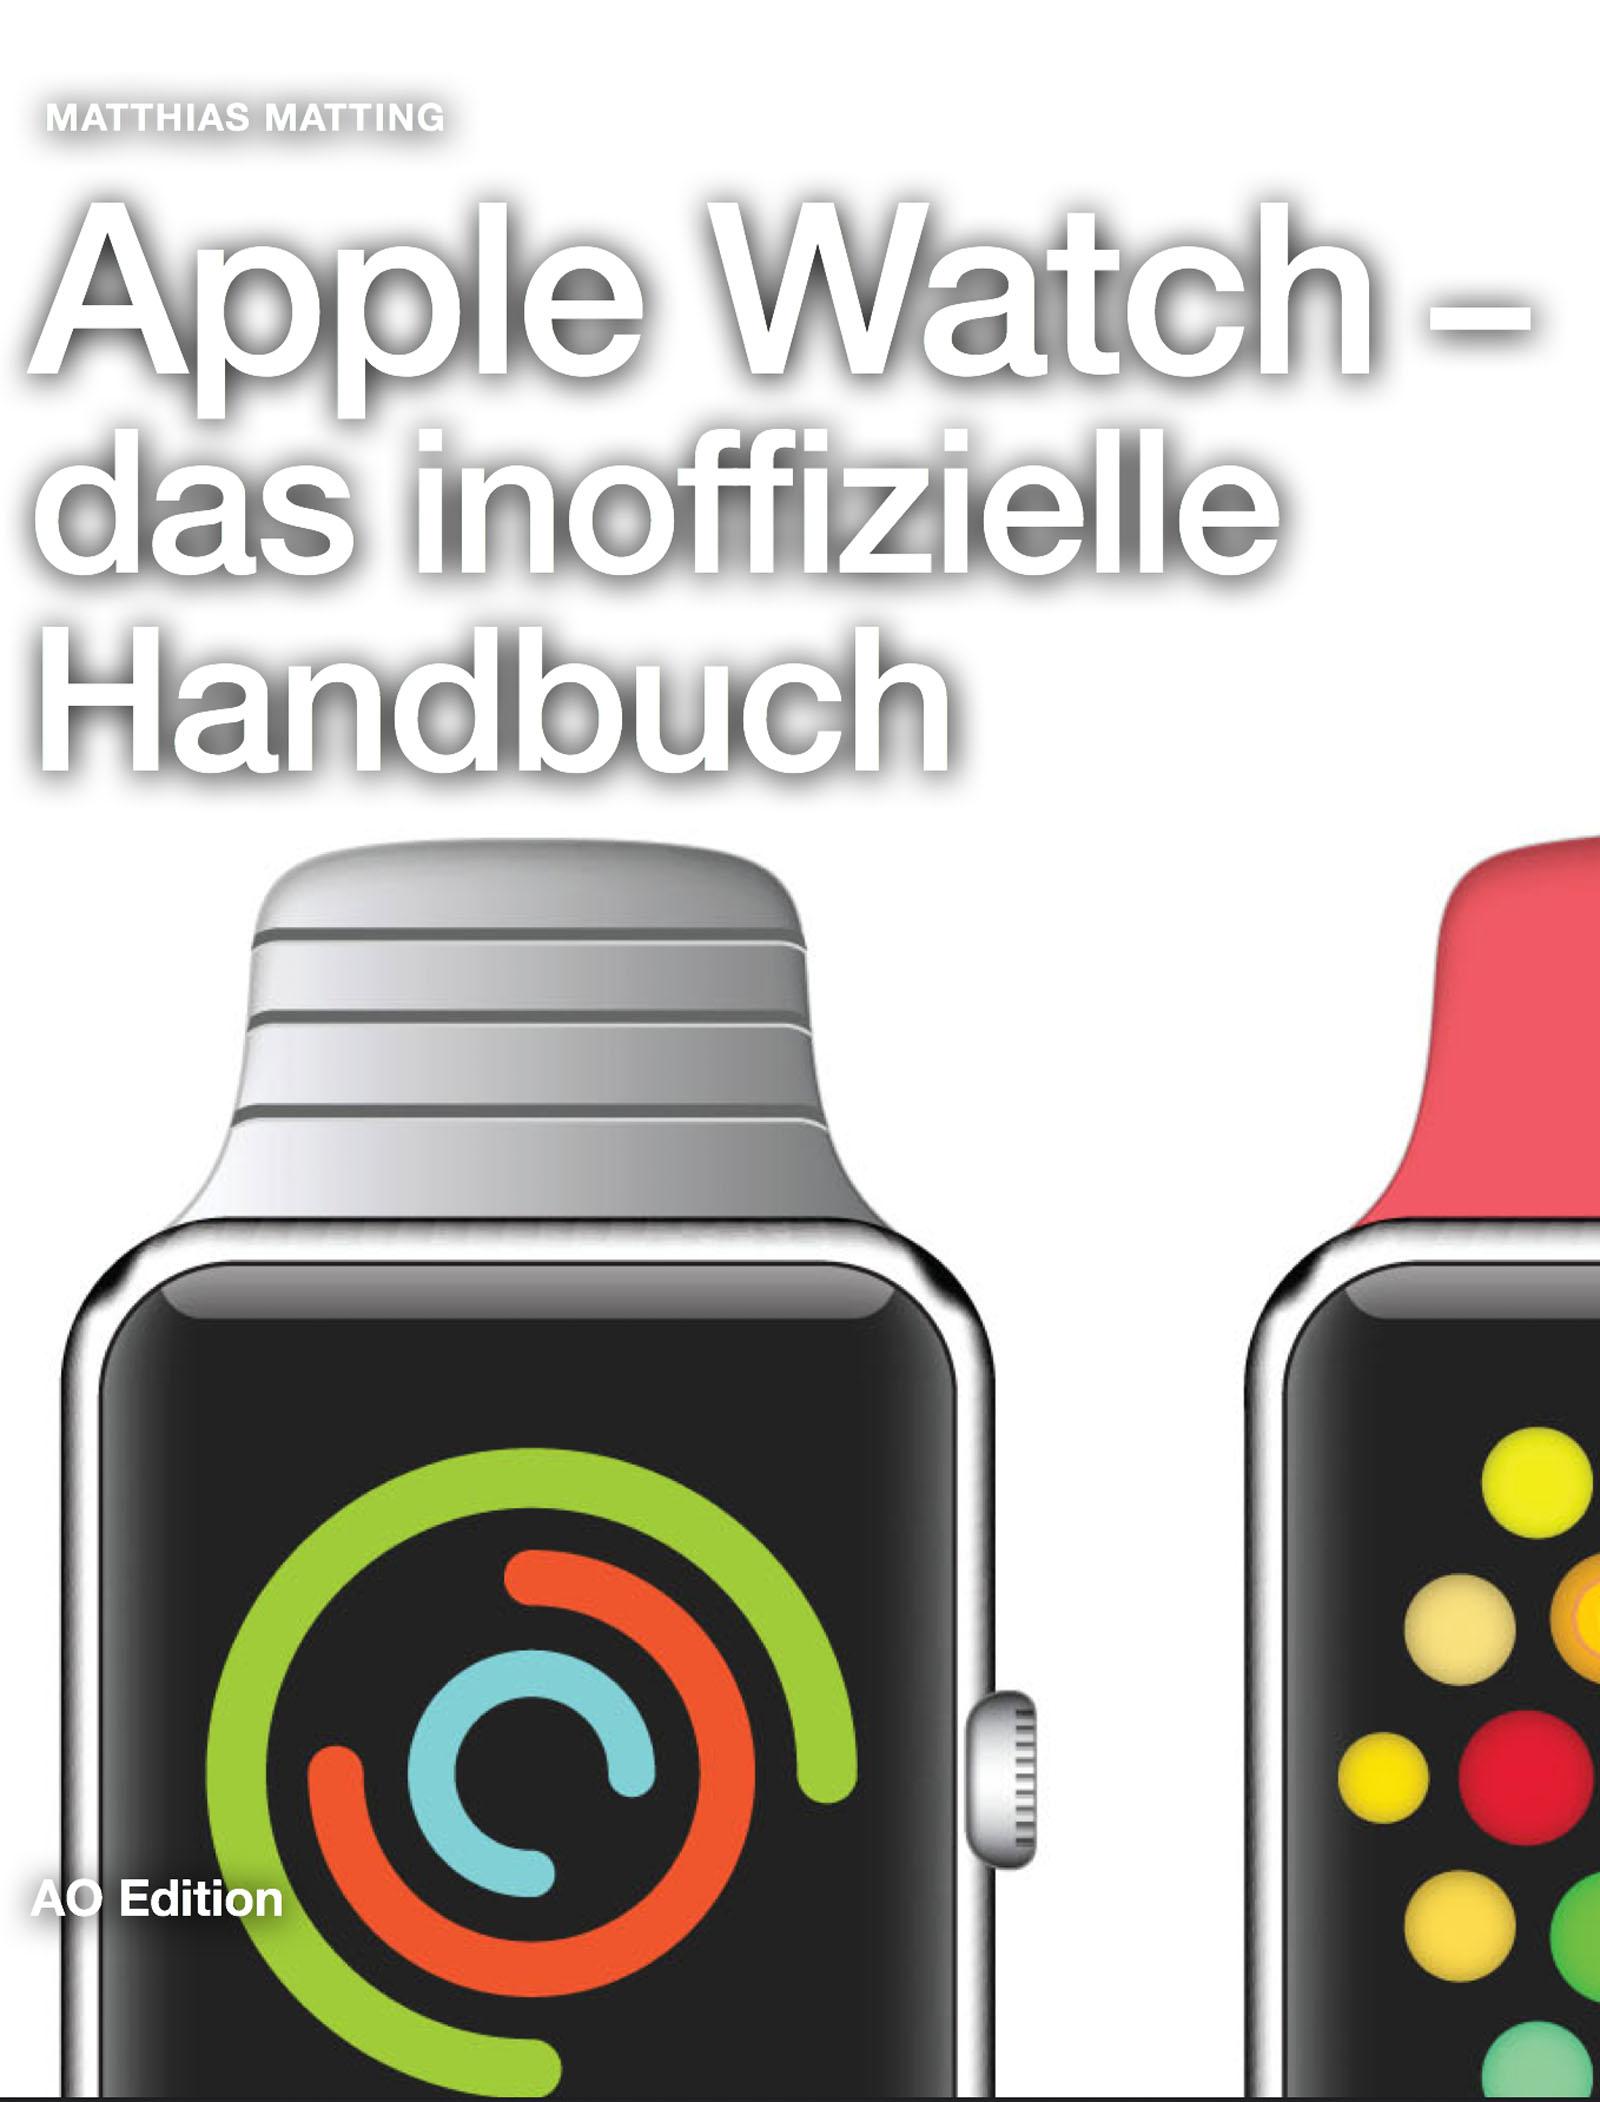 Apple Watch – das inoffizielle Handbuch